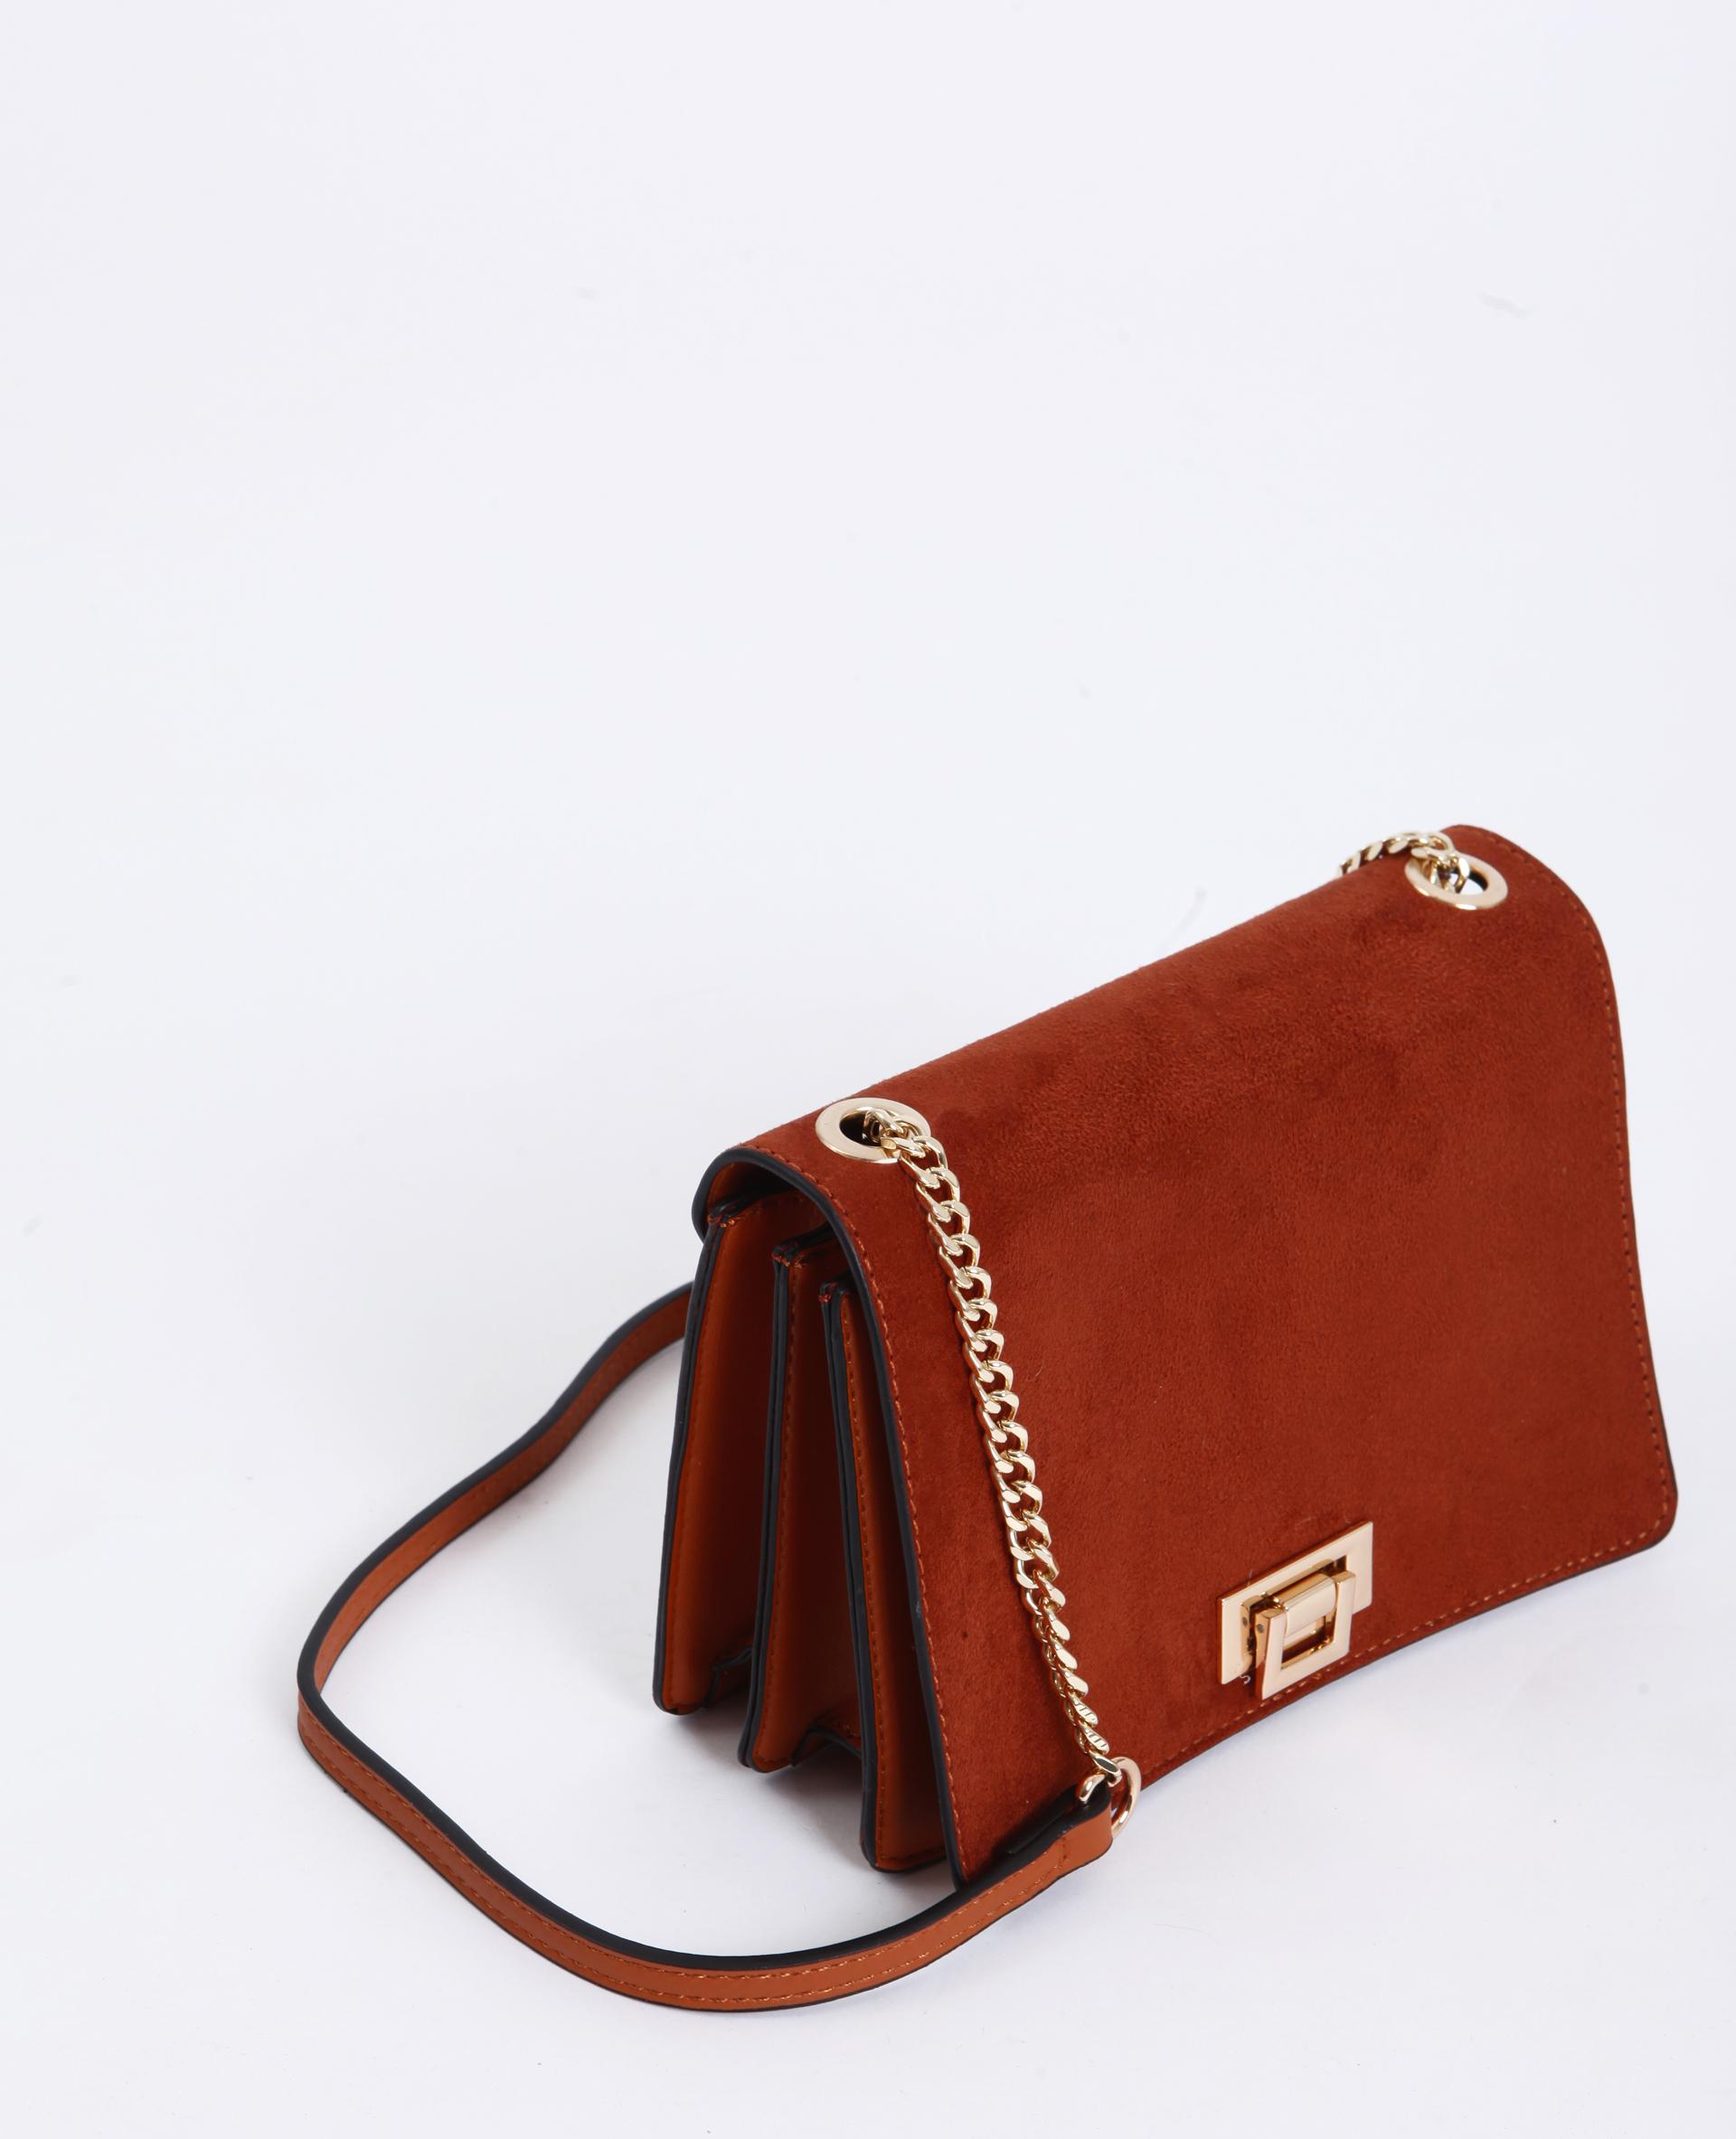 Petit sac à bandoulière marron - Pimkie